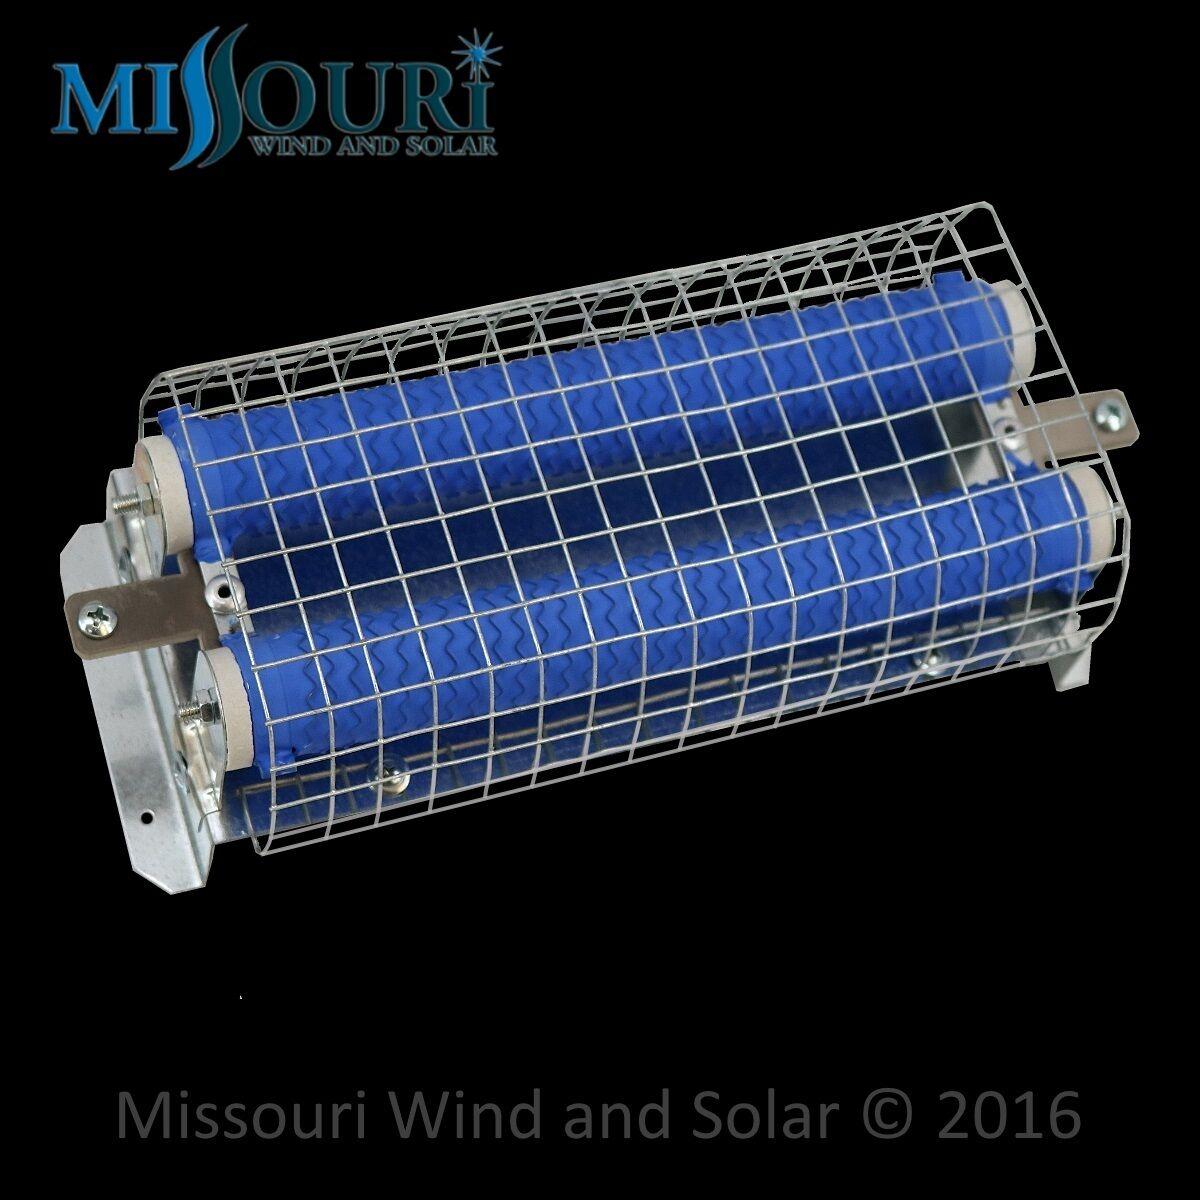 2.75 Ω 300 WATT 24 VOLT WIND GENERATOR /& SOLAR RESISTOR DIVERSION DUMP LOAD RED